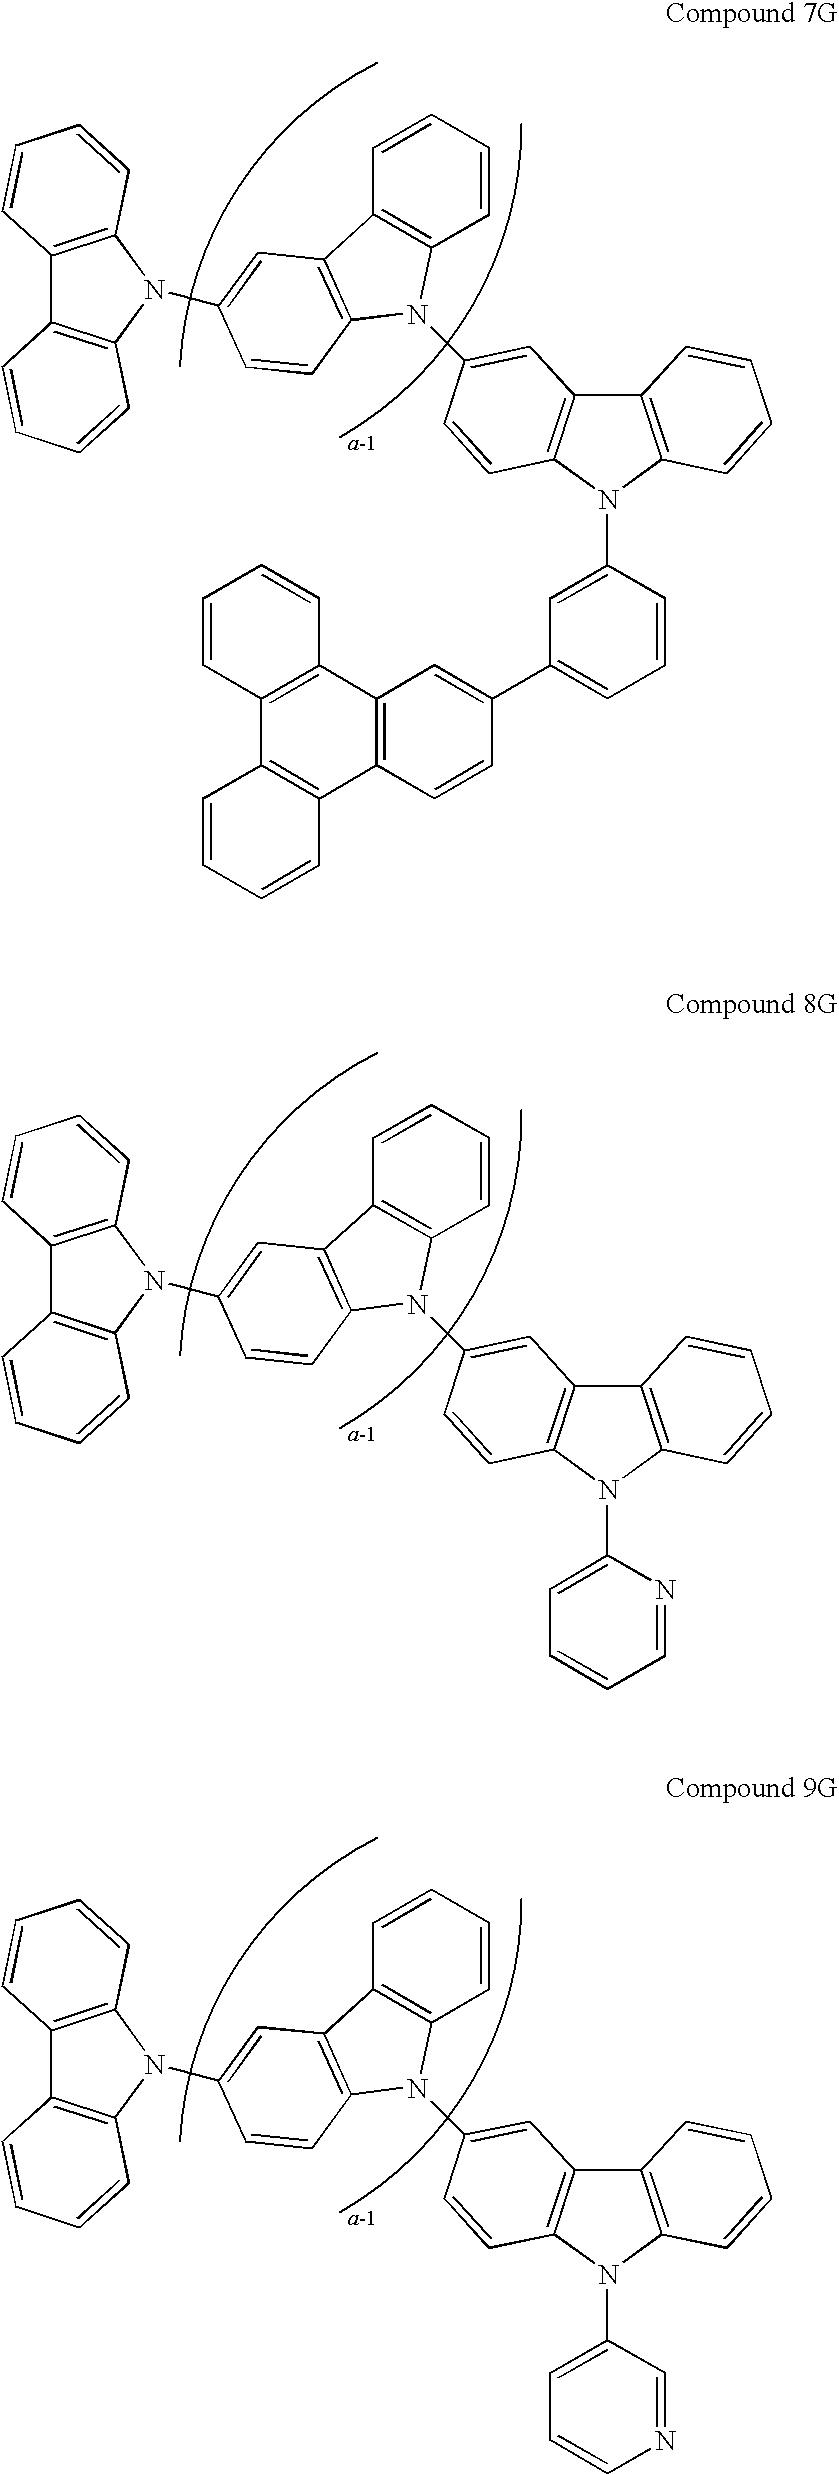 Figure US20090134784A1-20090528-C00006